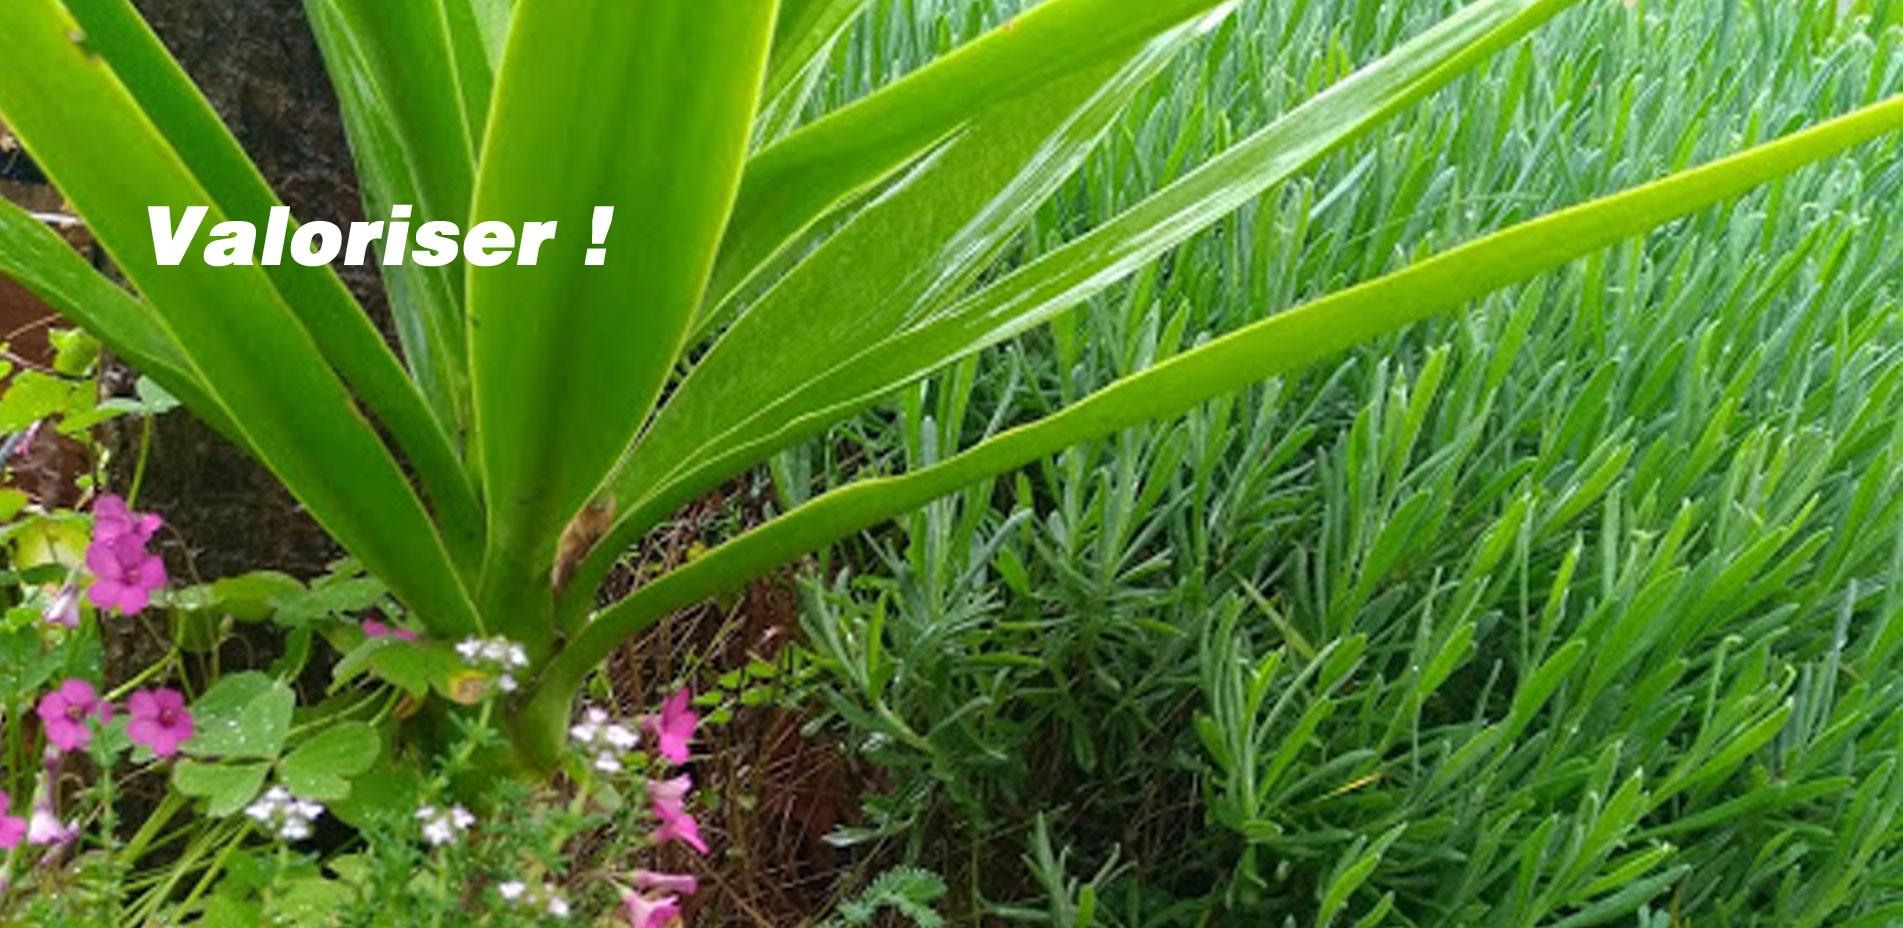 Valoriser vos maisons et vos espaces verts